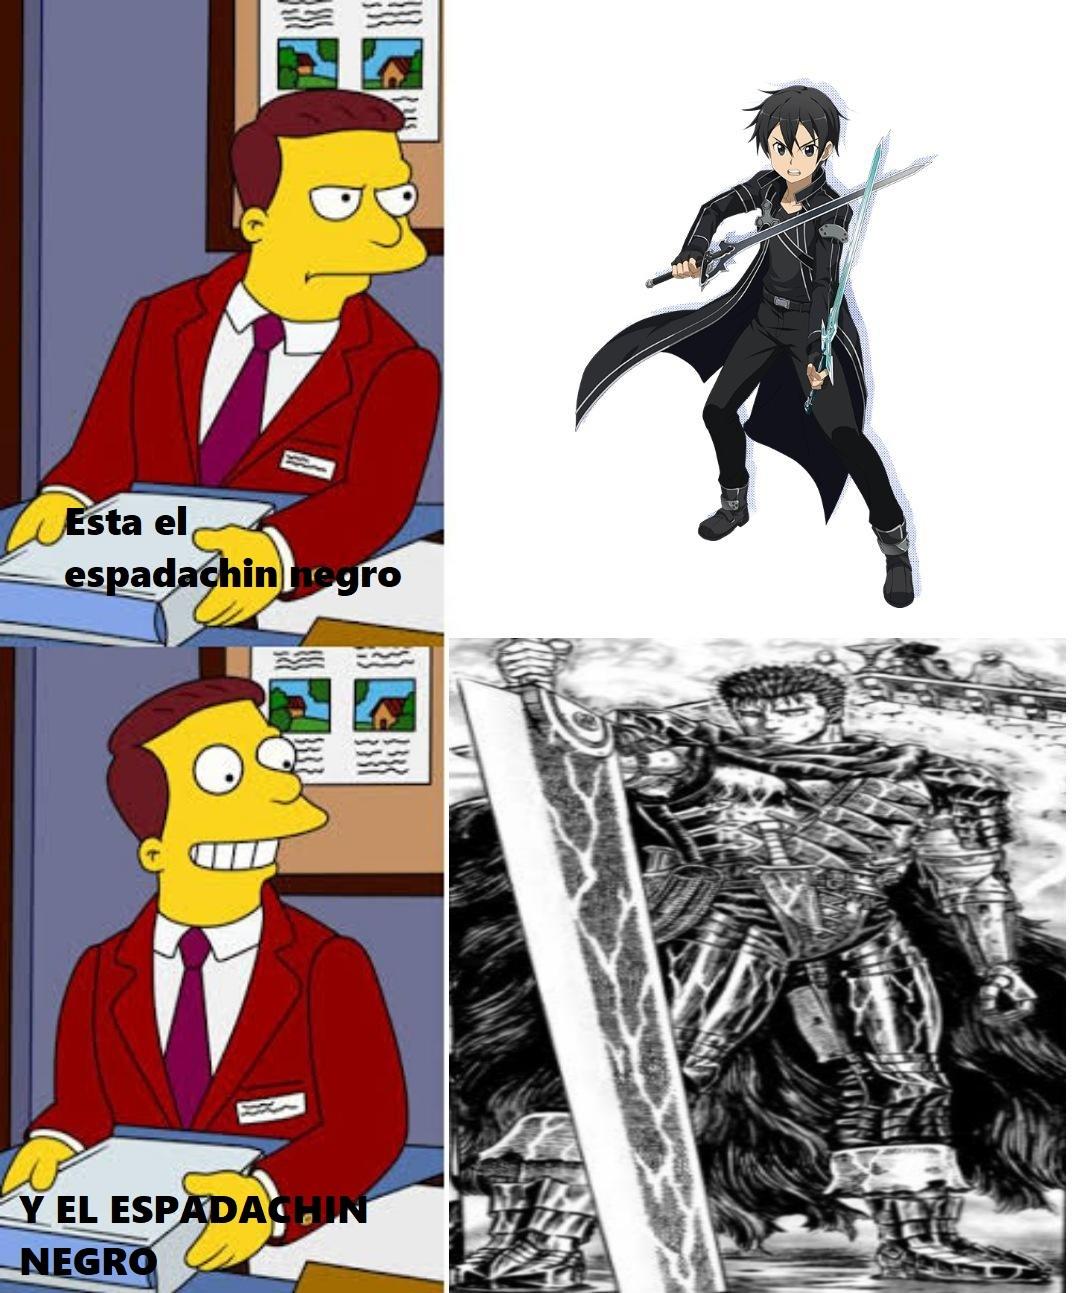 kirito no es el espadachin negro - meme